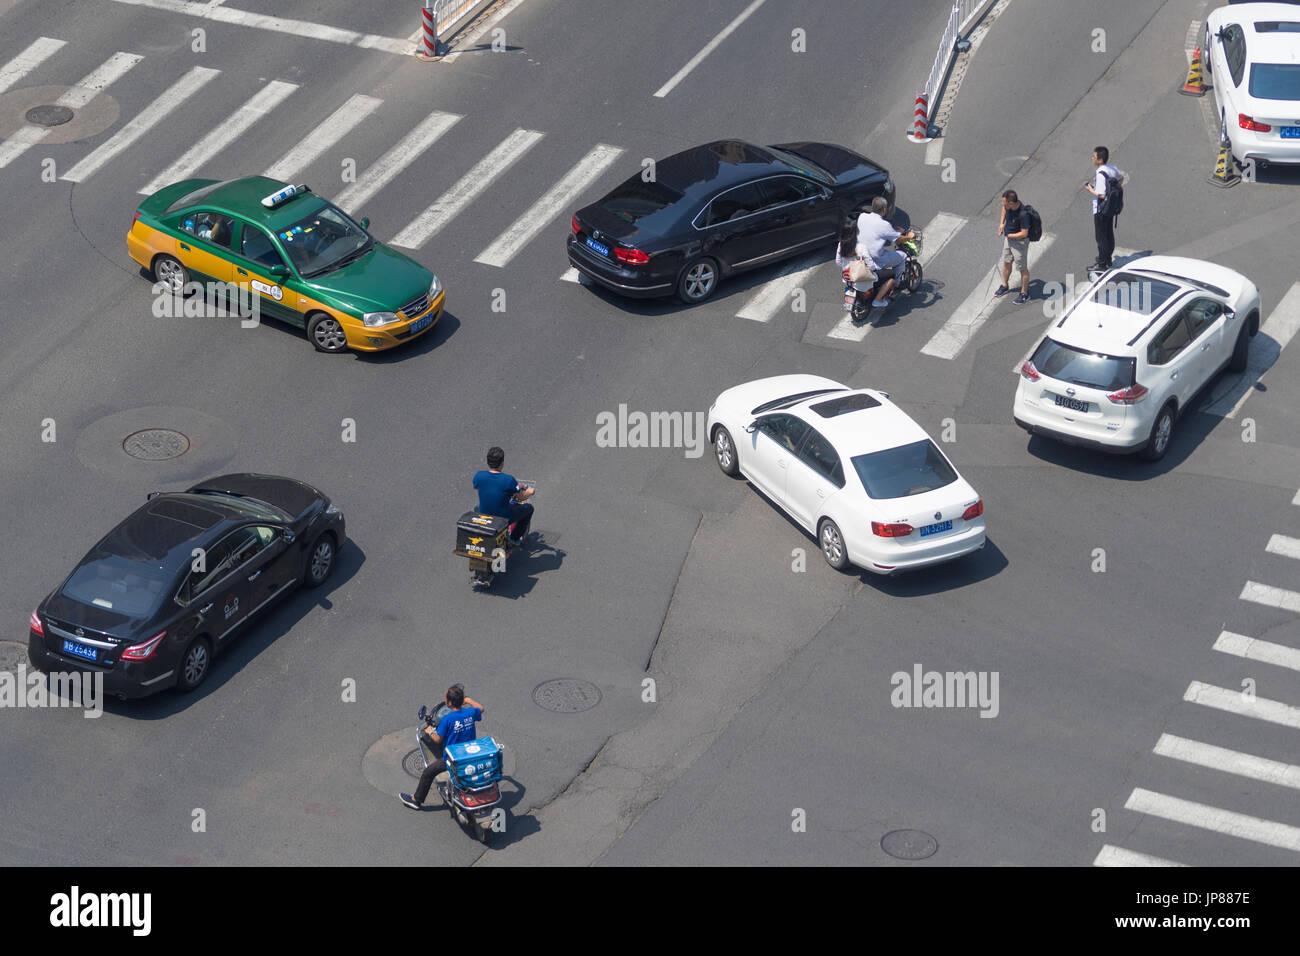 Tipico di Pechino caotico traffico della strada con vetture, ciclomotori e pedoni tutte convergenti su ampi boulevard intersezione Immagini Stock